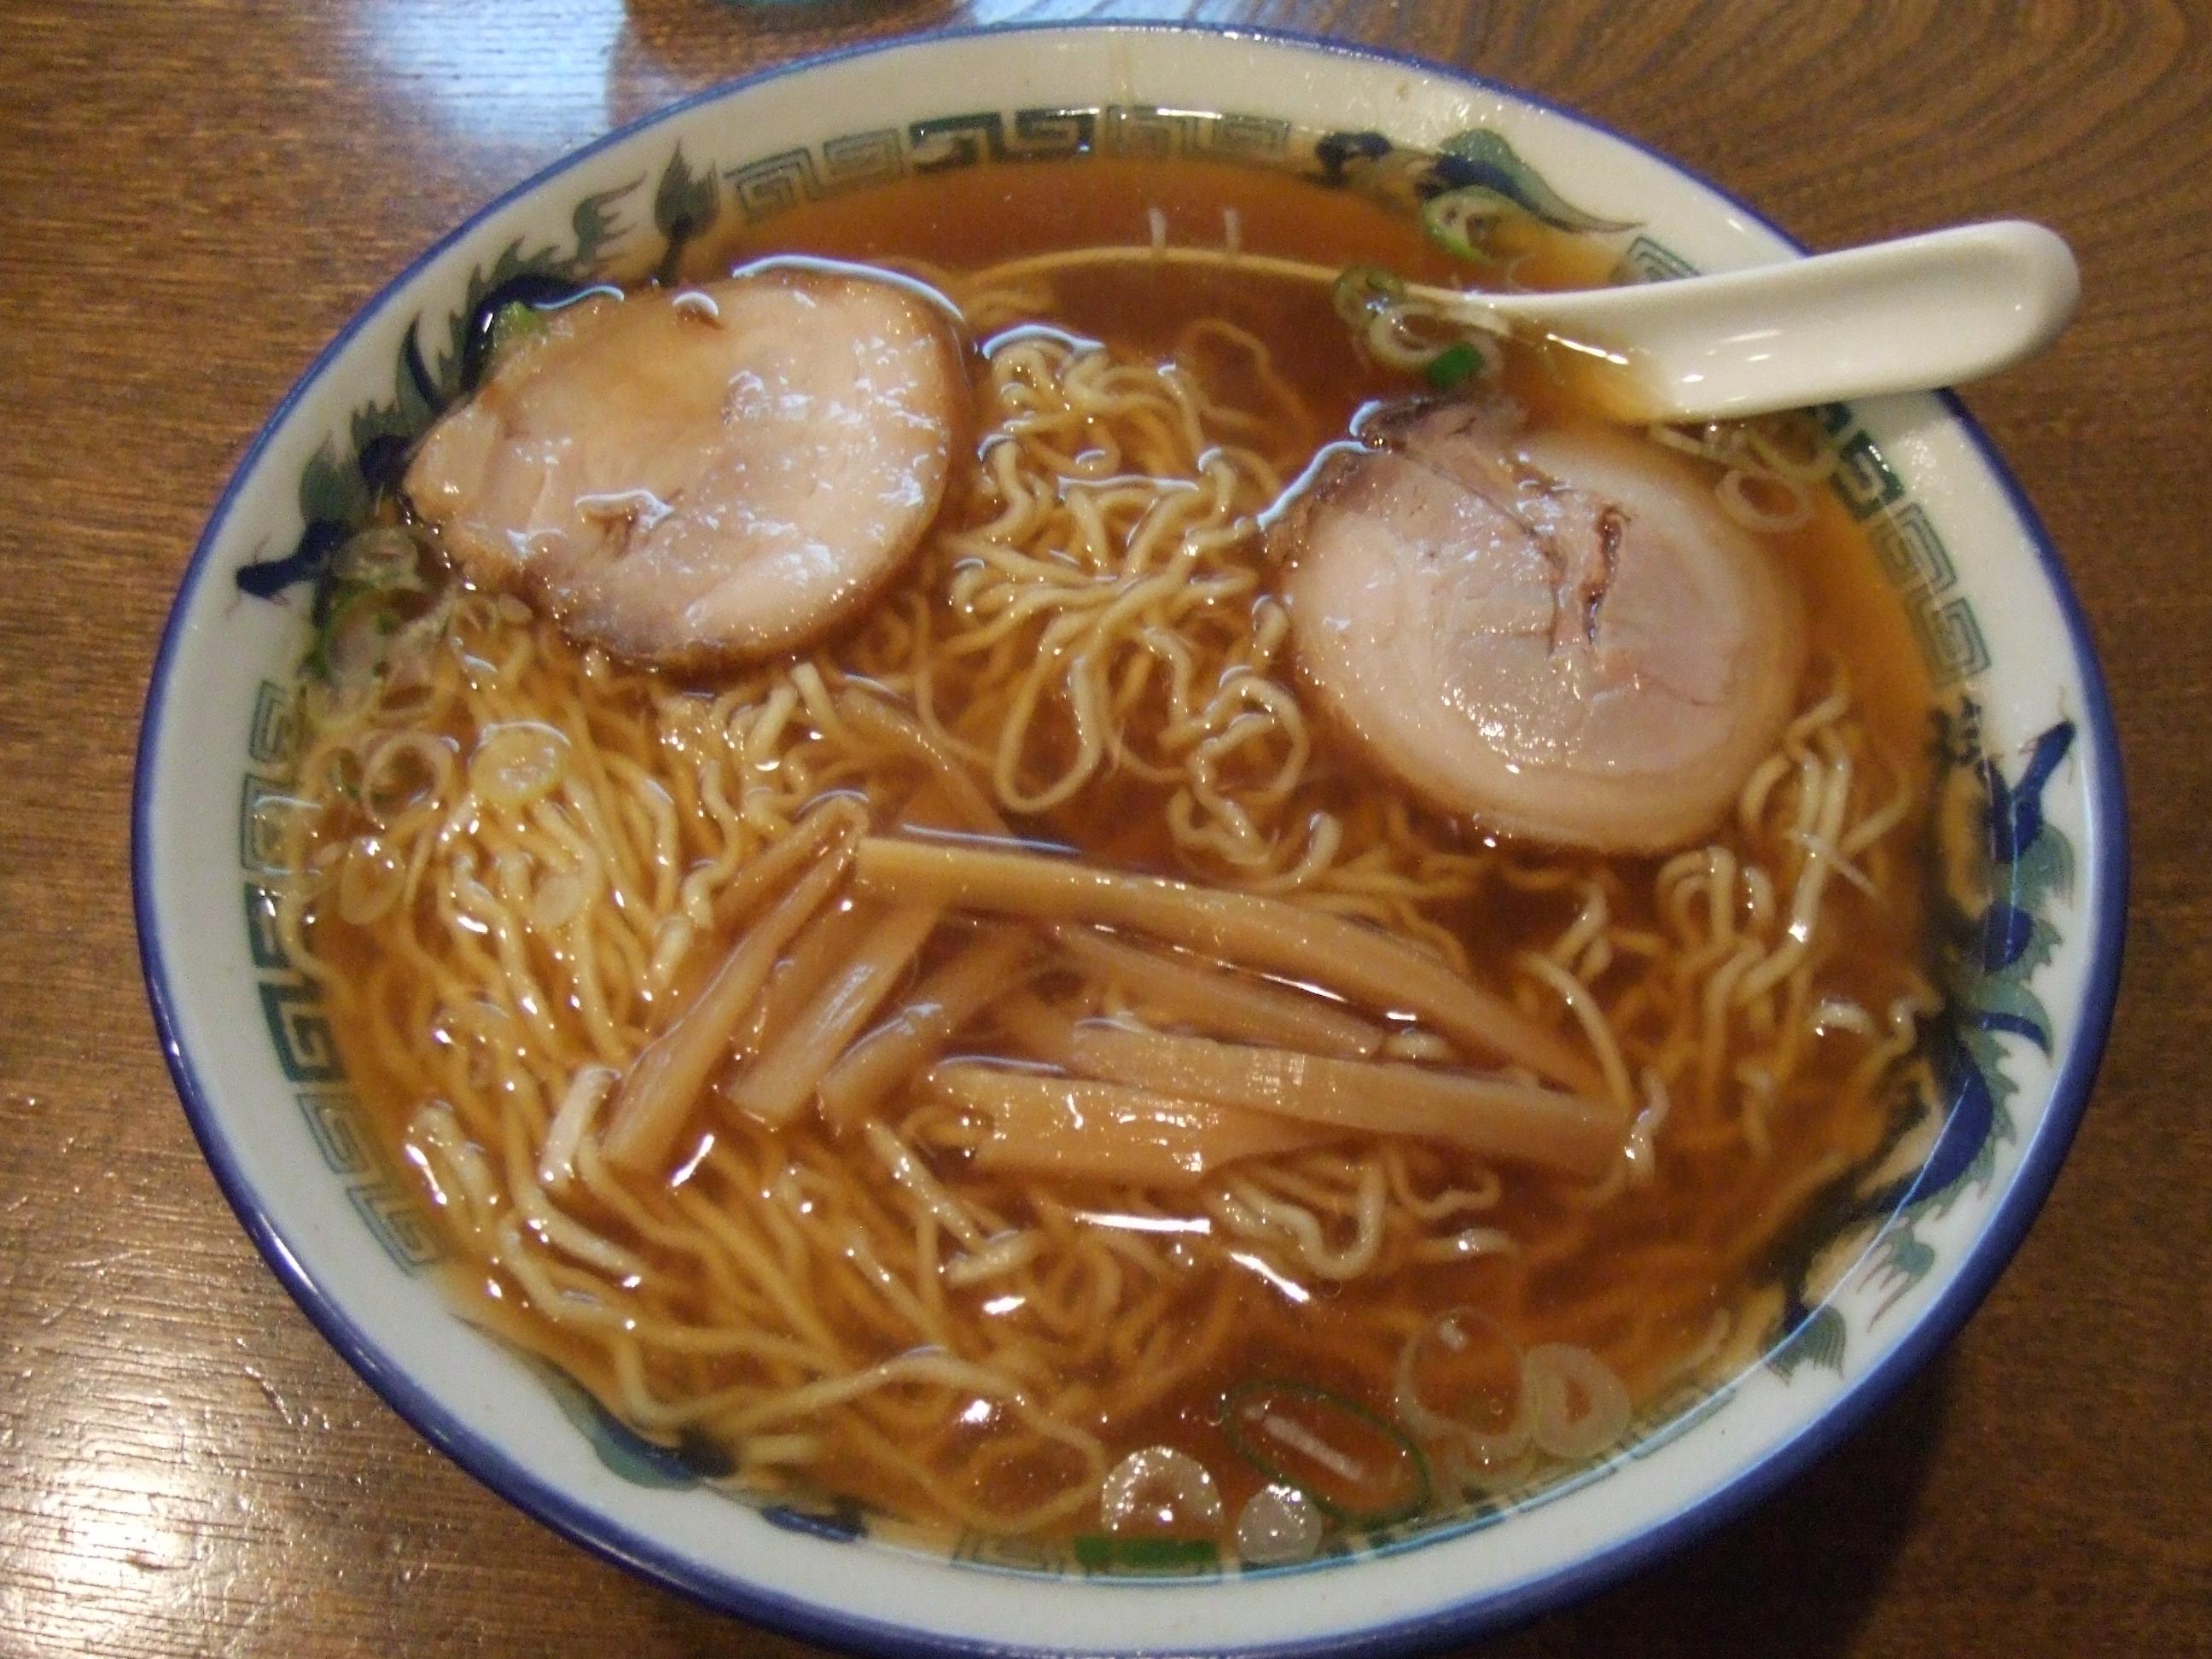 岐阜でラーメンを食べるなら地元県民がおすすめのラーメン店です!のサムネイル画像